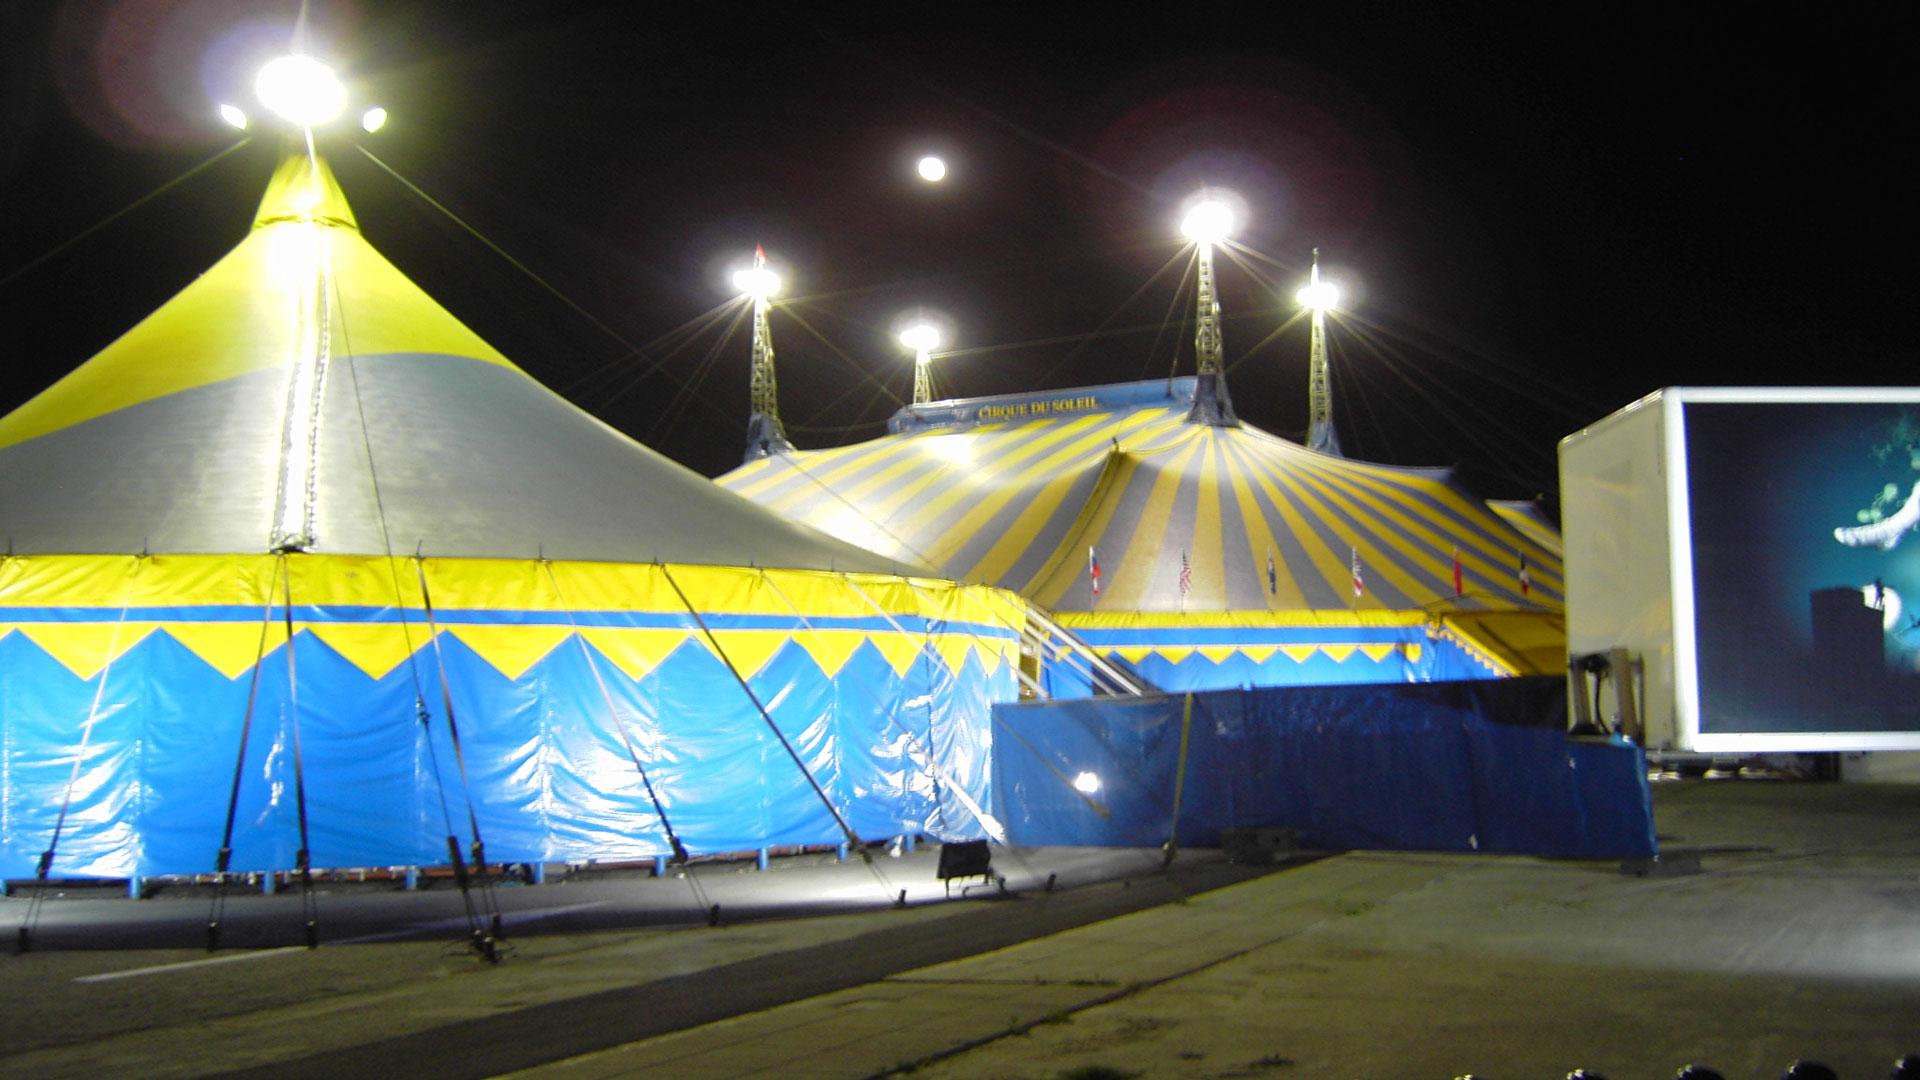 El-Circo-del-Sol-llega-se-instala-en-Murcia-hasta-el-domingo-1920